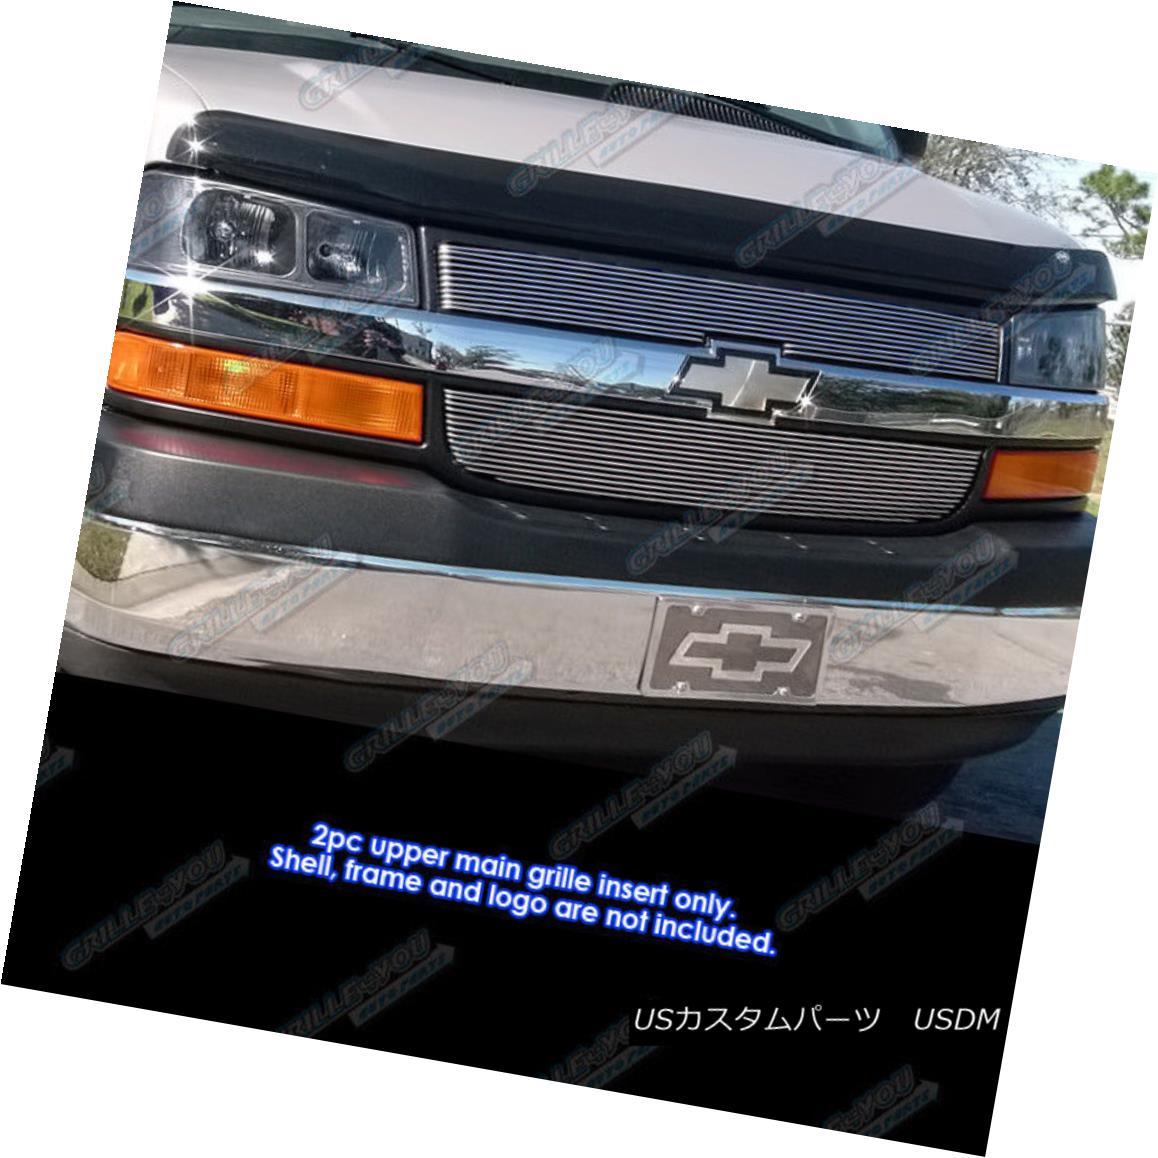 グリル Fits 2003-2016 Chevy Express Explorer Conversion Van Billet Grille Insert フィット2003-2016チェビーエクスプレスエクスプローラ変換ヴァンビレットグリルインサート